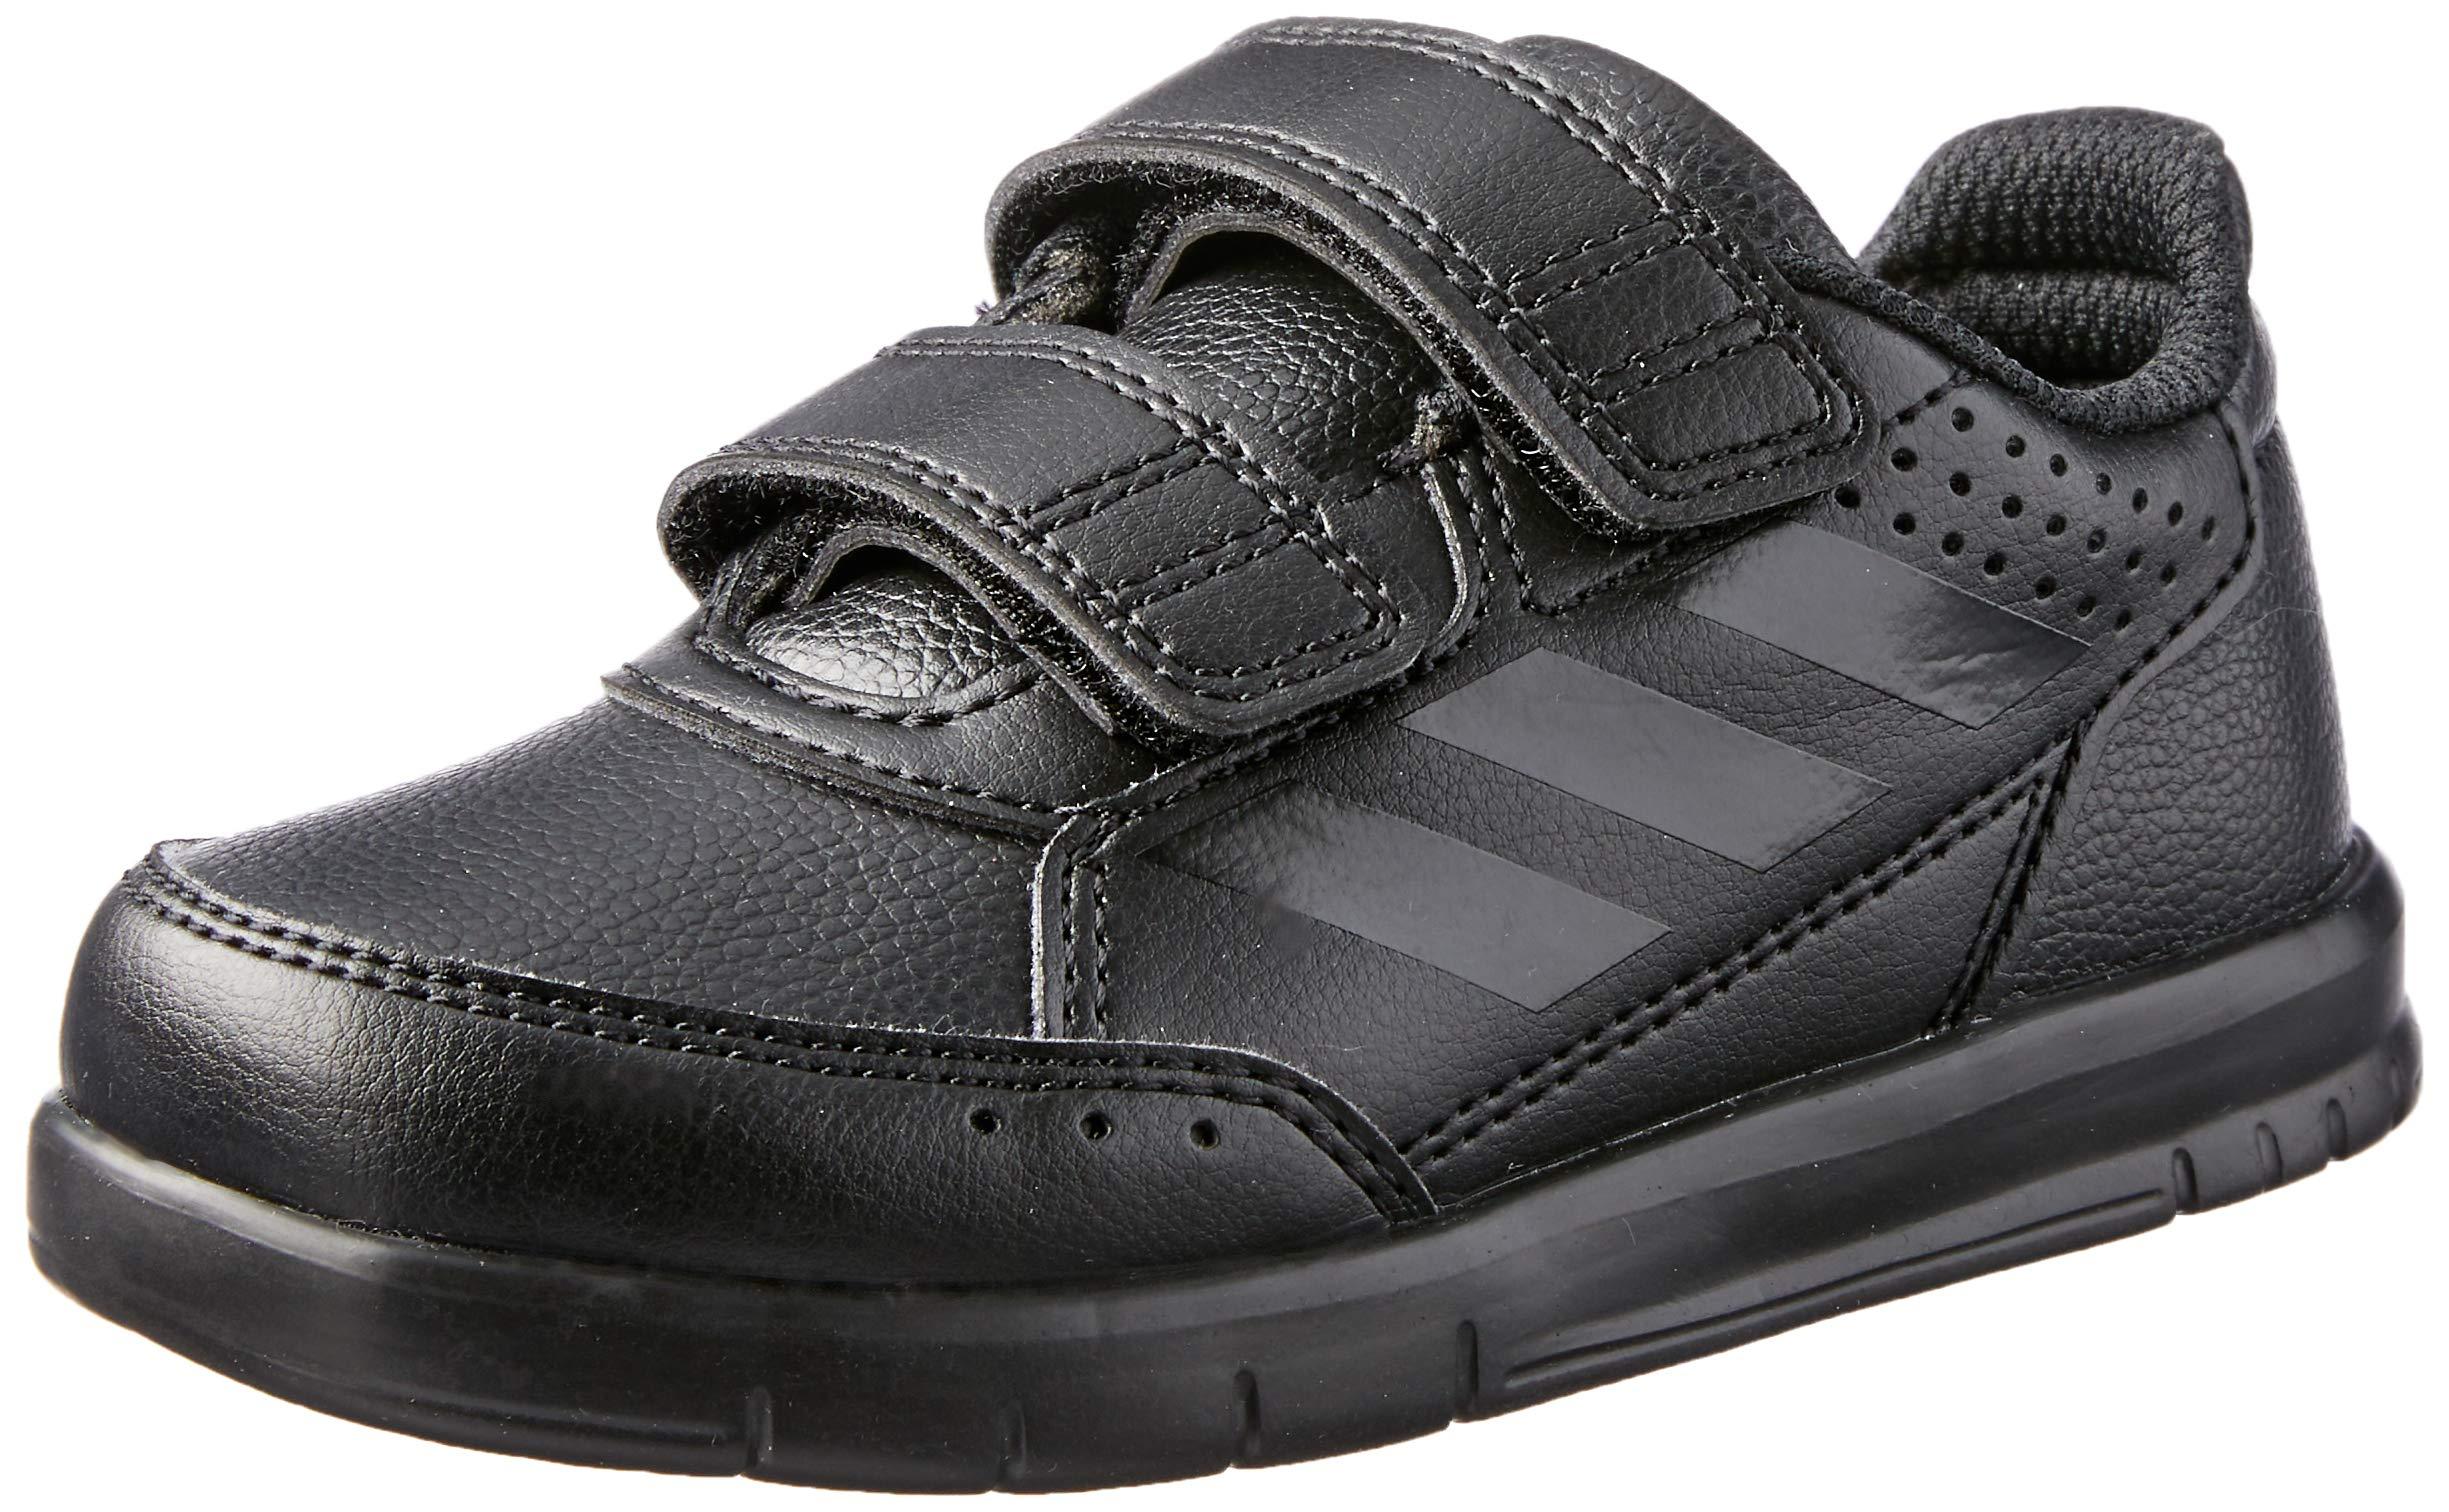 9afa72ed547be Mejor valorados en Calzado deportivo para niño   Opiniones útiles de ...